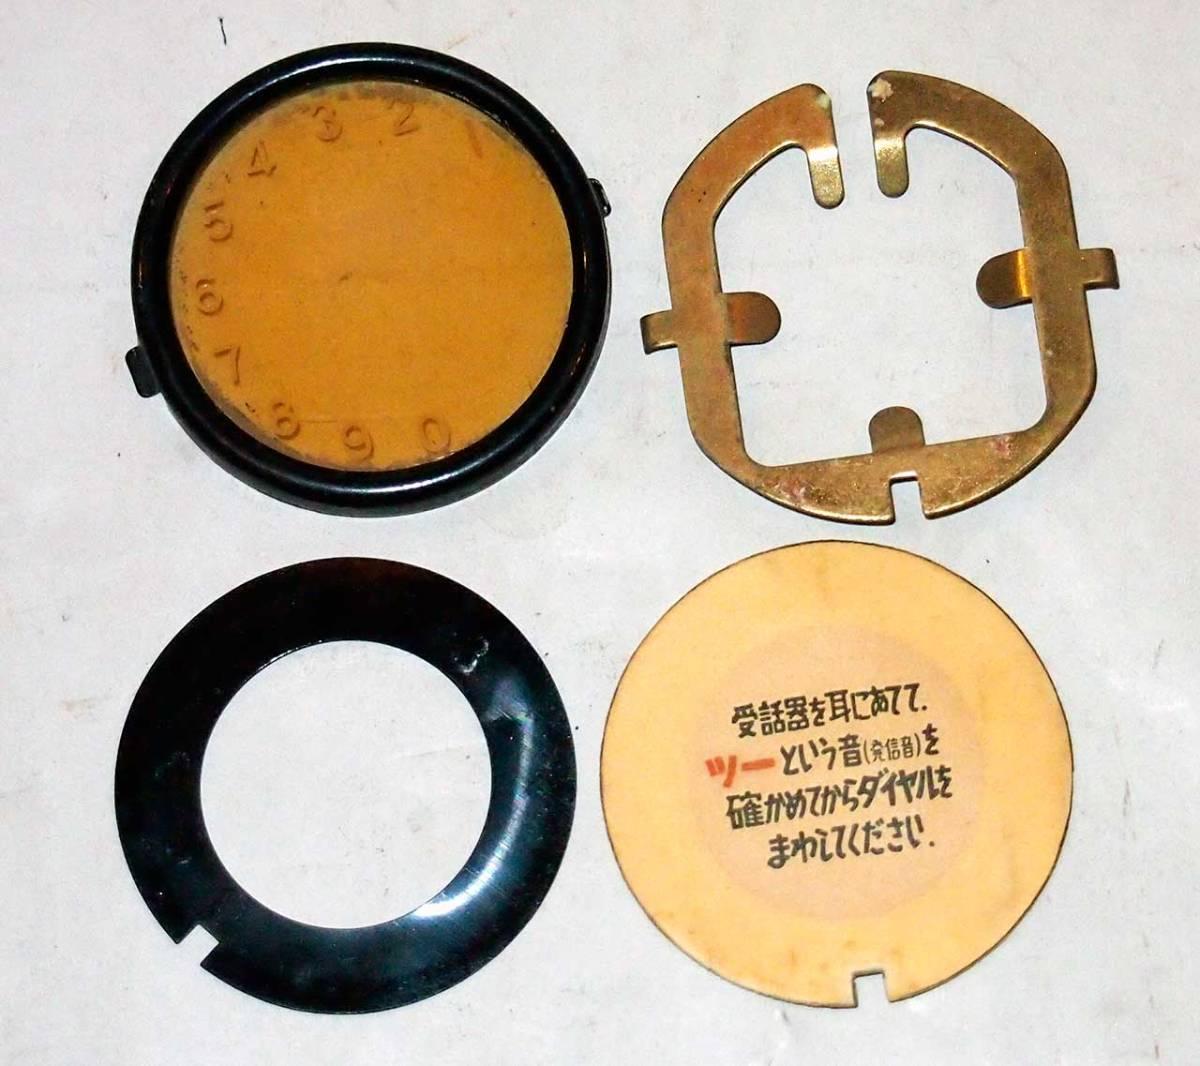 昭和26年 オリジナルダイヤル表示 4号 黒電話機 サ04_画像4